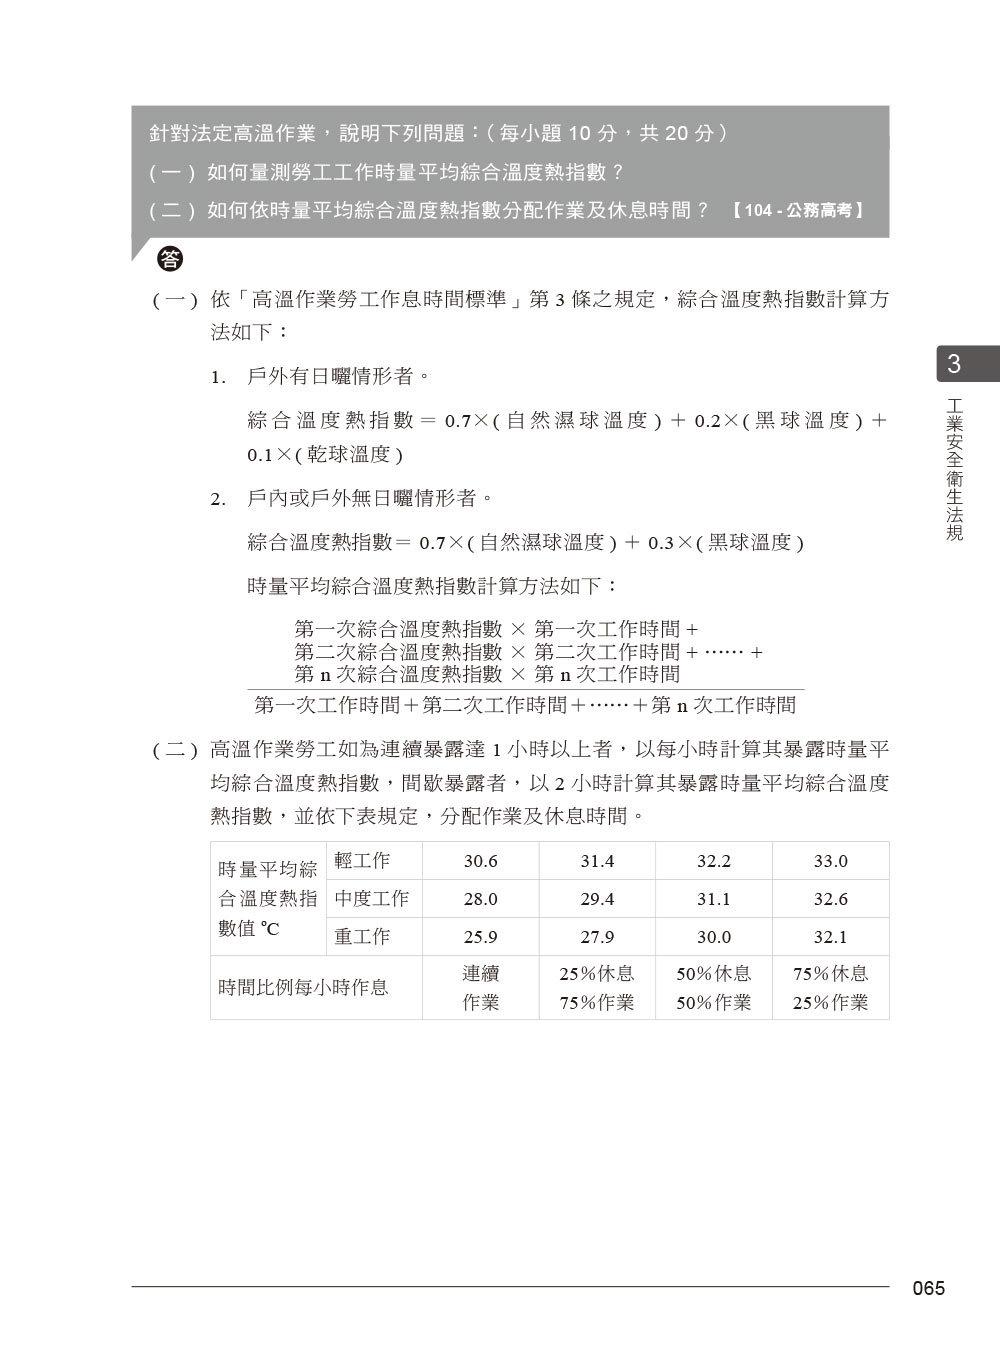 公務人員考試 -- 職業安全衛生類別 (高等考試+地特三等) 歷屆考題彙編-preview-5